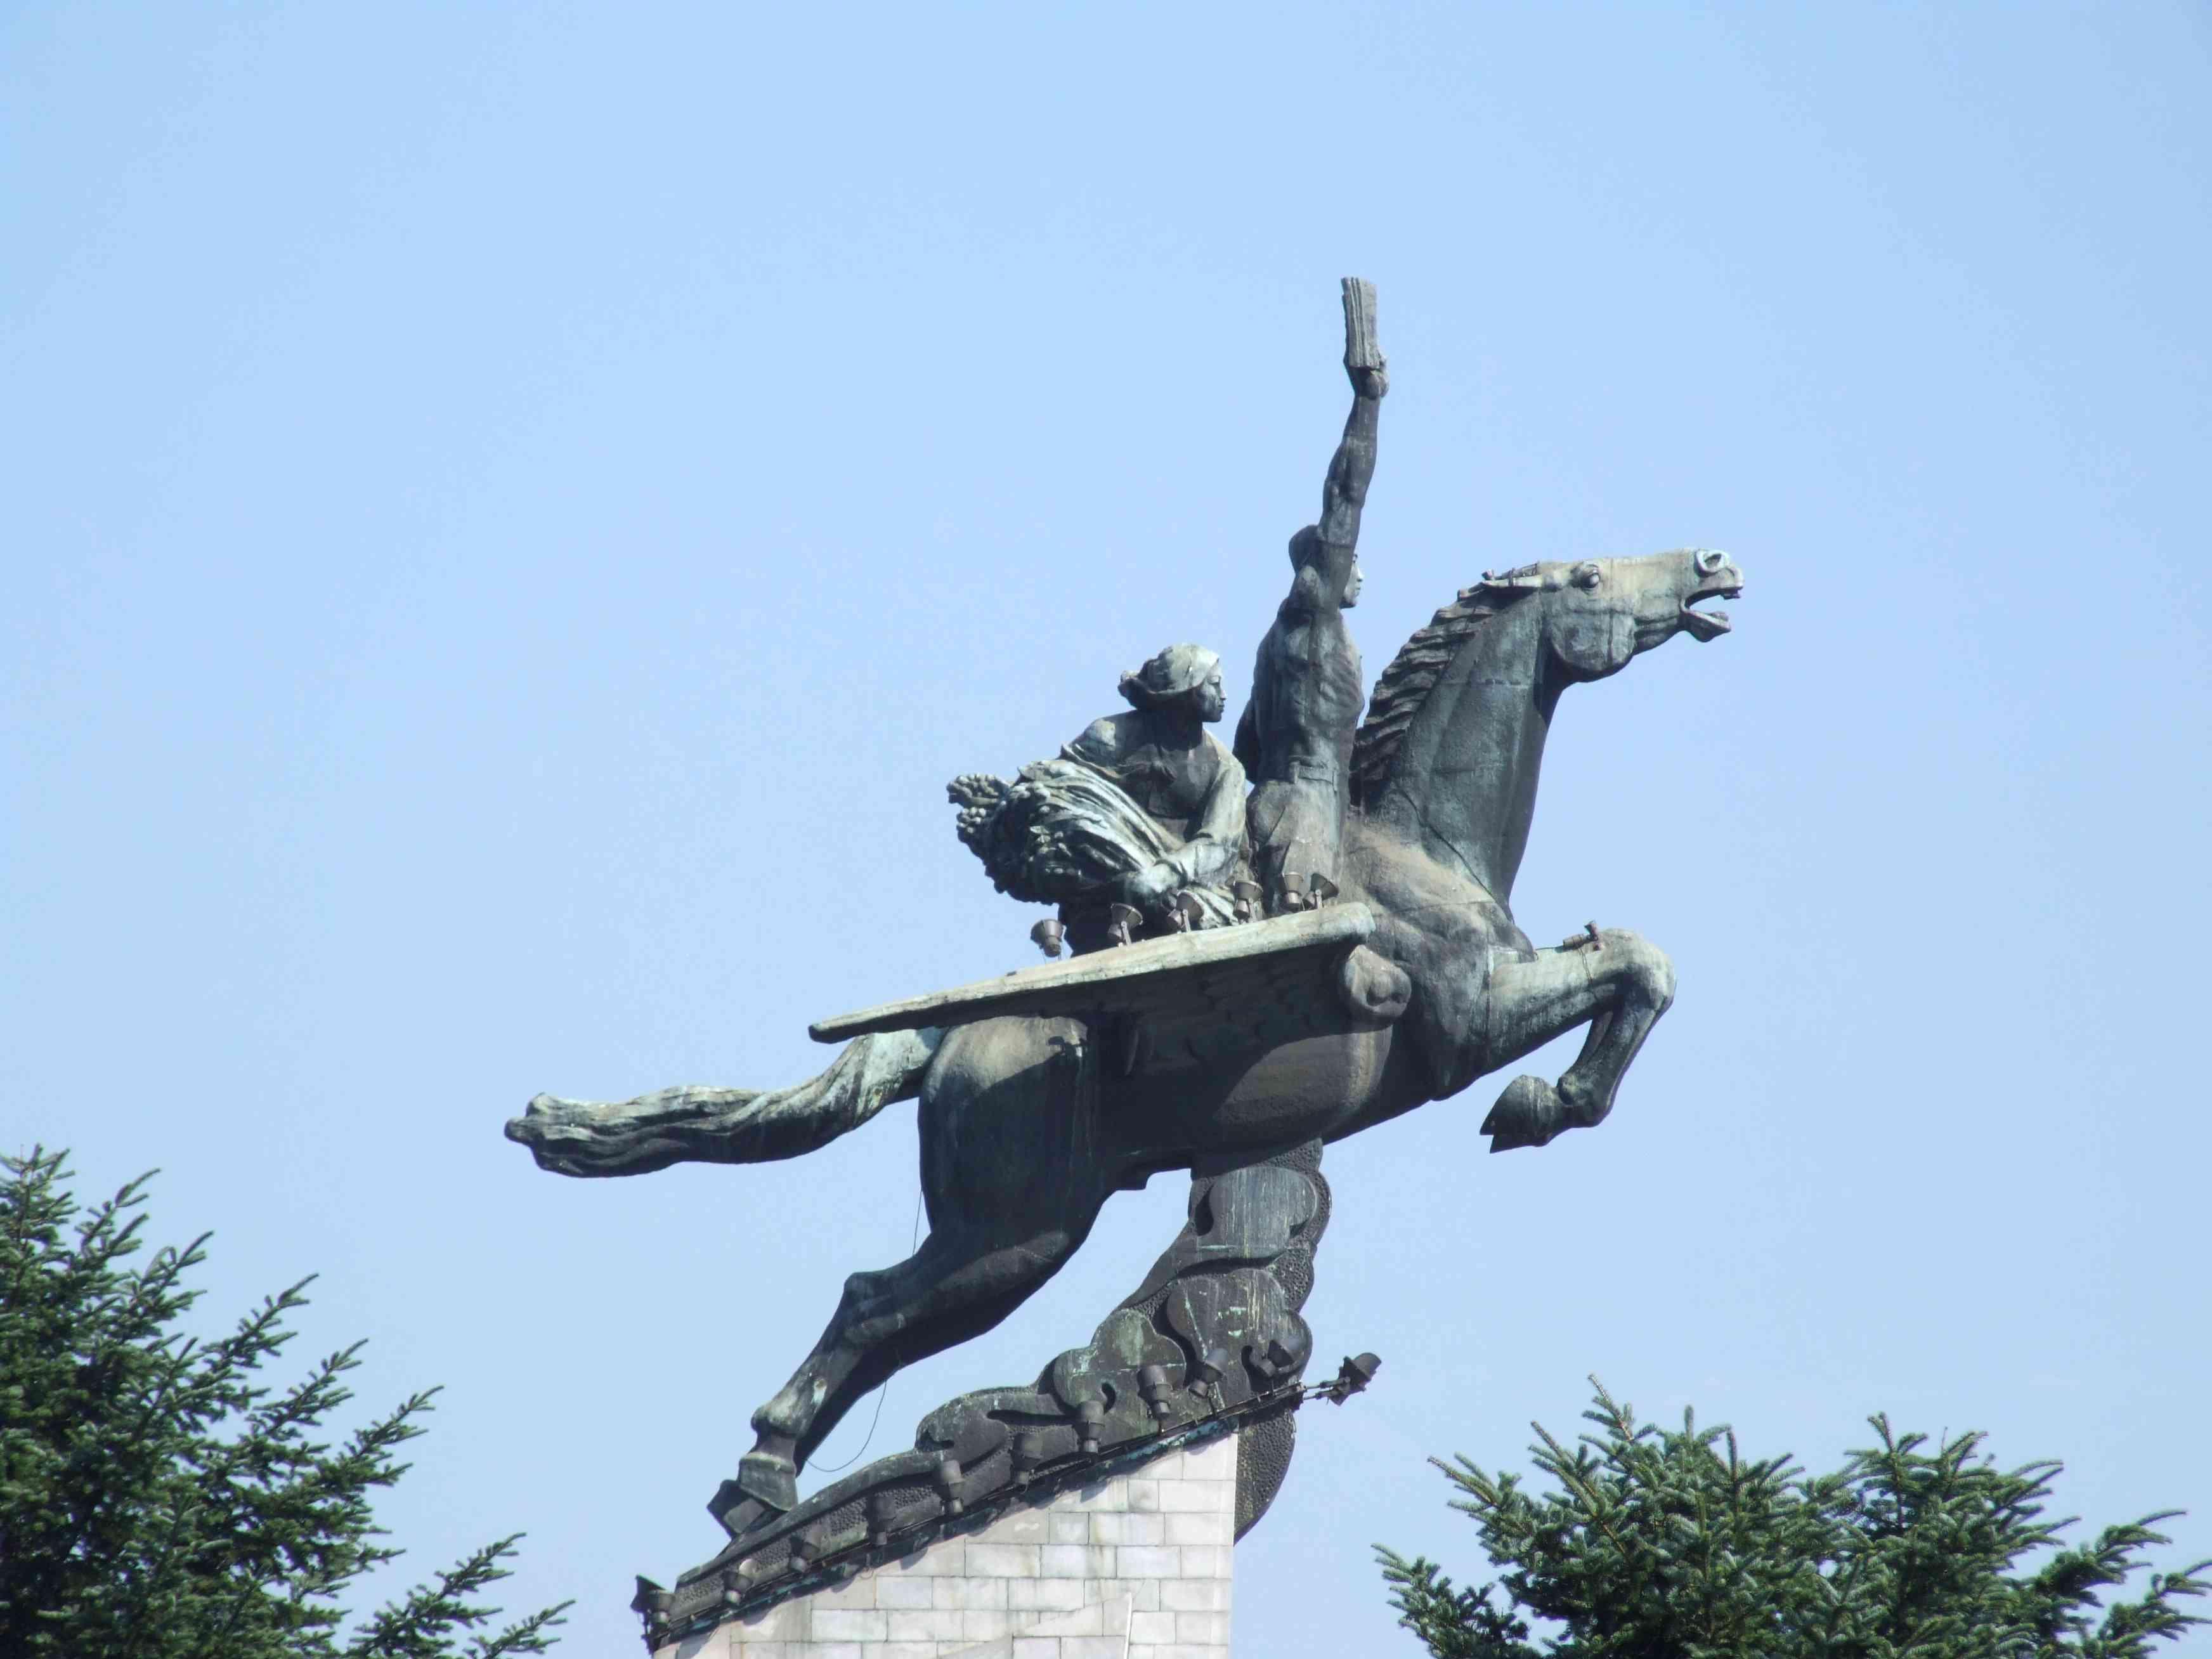 Chollima statue in North Korea